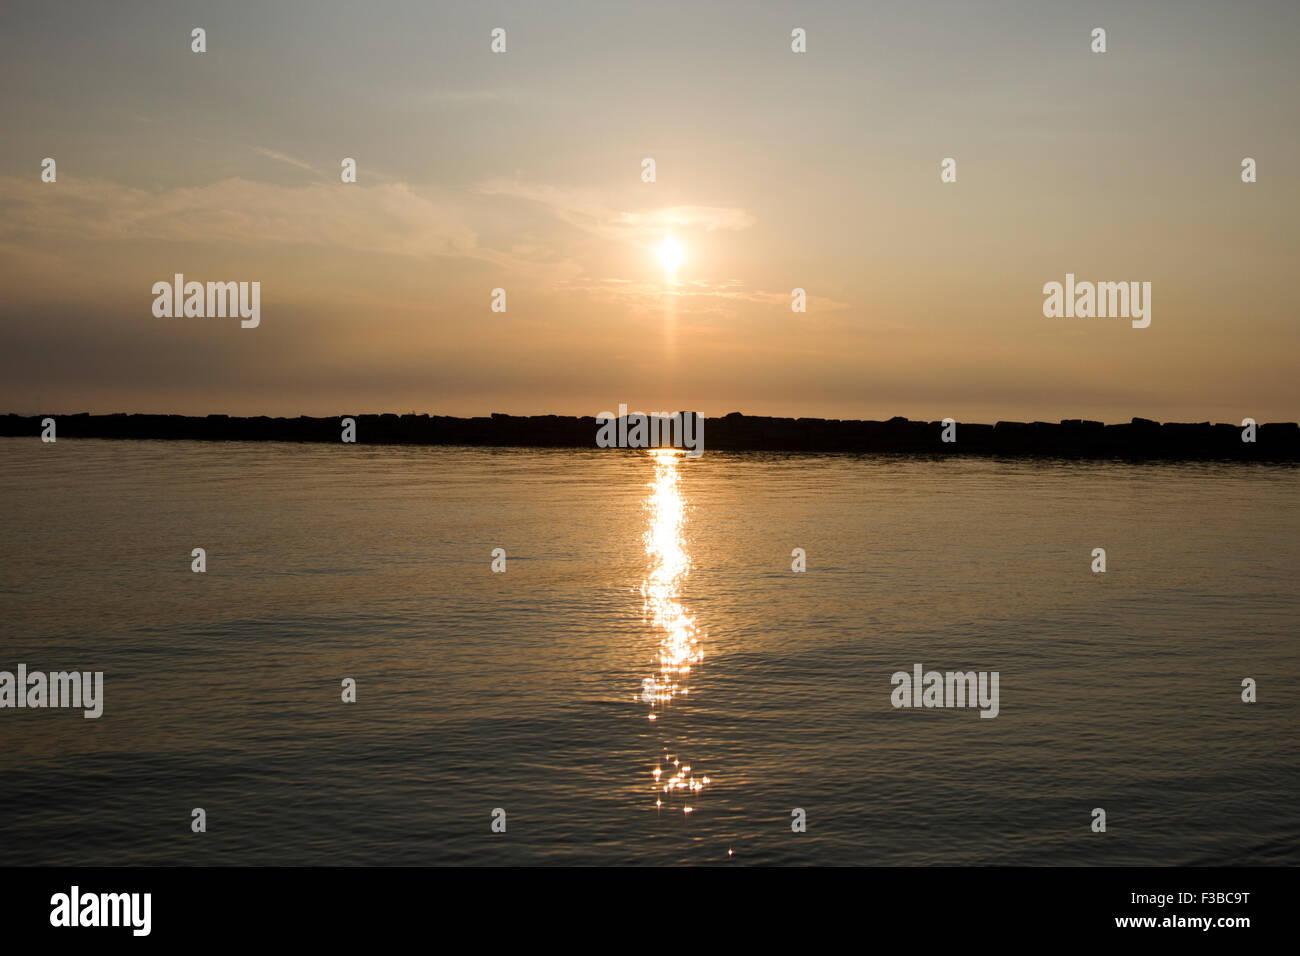 Sunset at Lake Erie - Stock Image